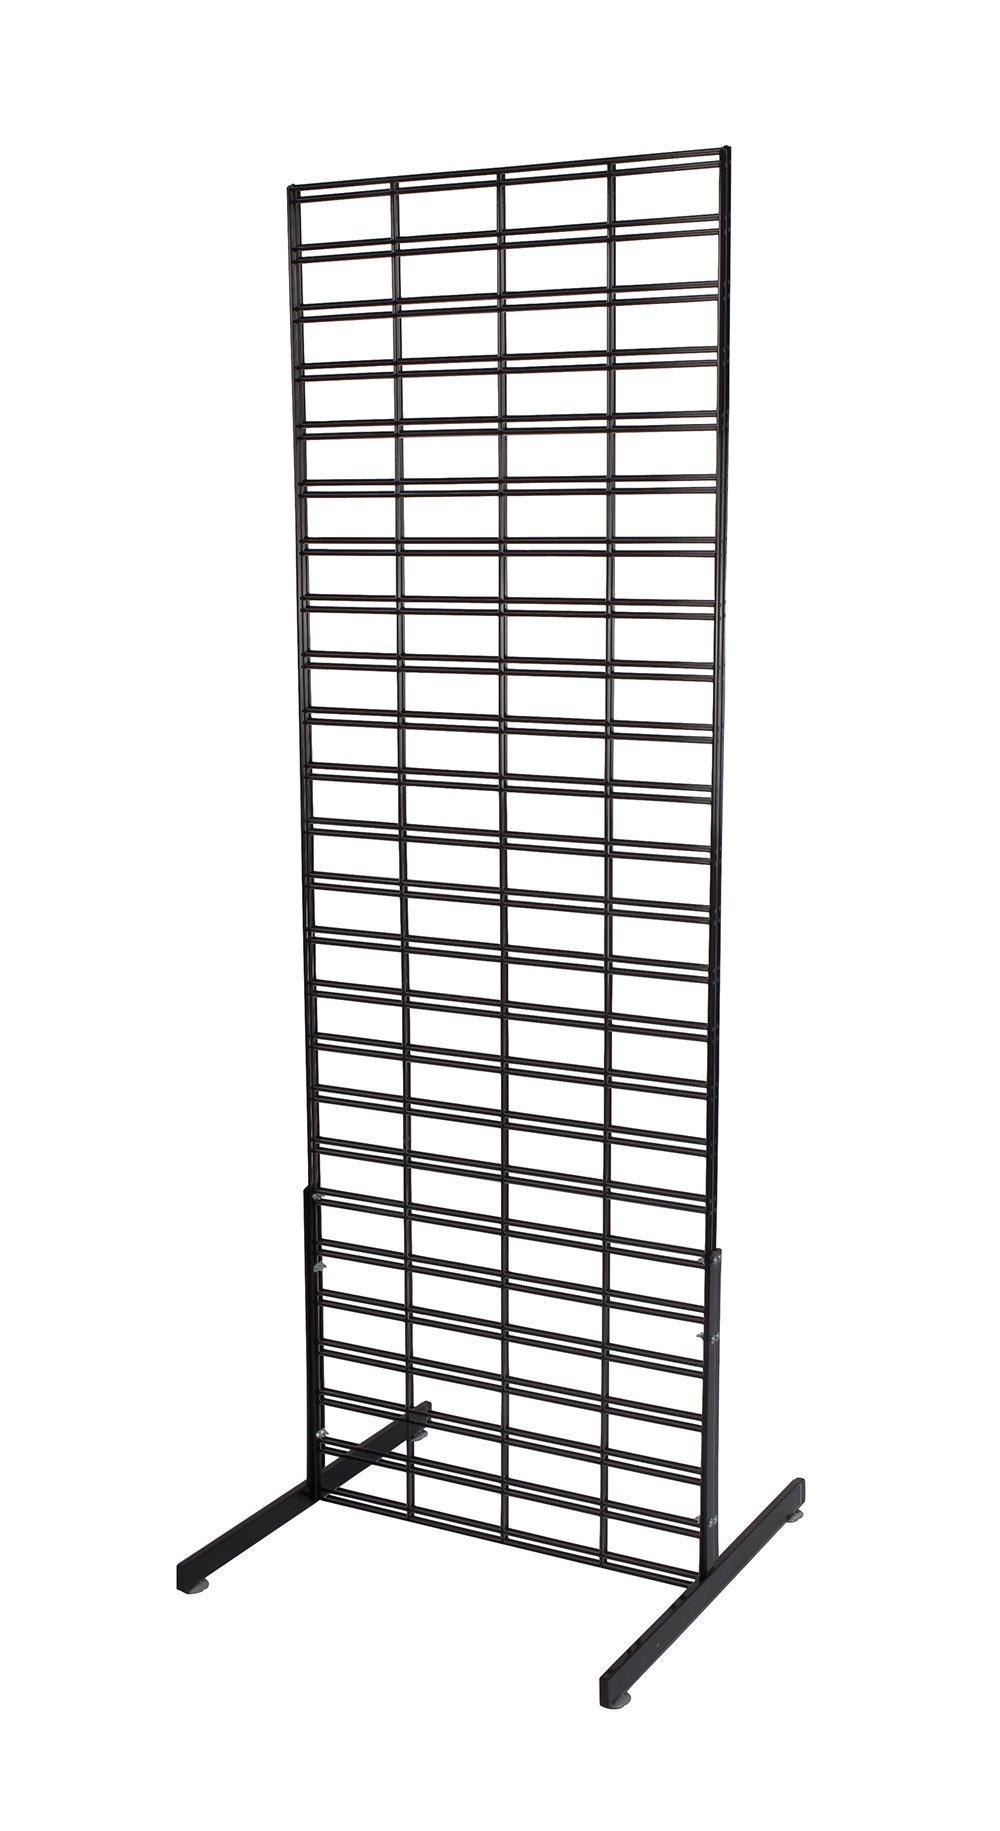 SlatGrid Stand 2' X 6' - Slatgrid Wall Unit